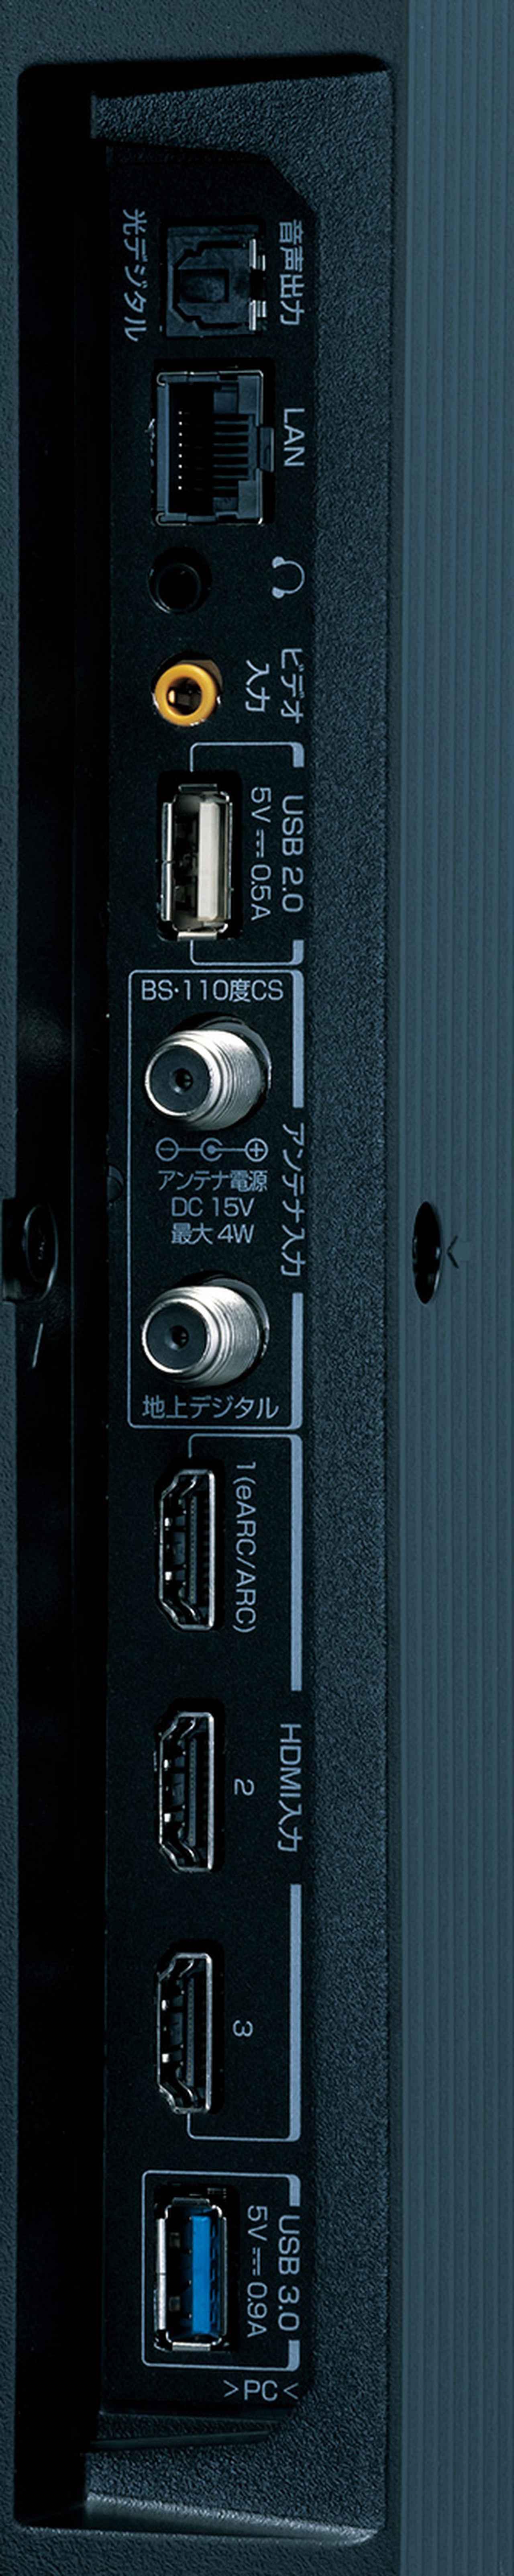 画像5: 鮮やかな色再現が際立つ最新QLED4KテレビにTCLの本気を見た!<TCL 4Kテレビ2021年新シリーズ 7製品一挙登場>